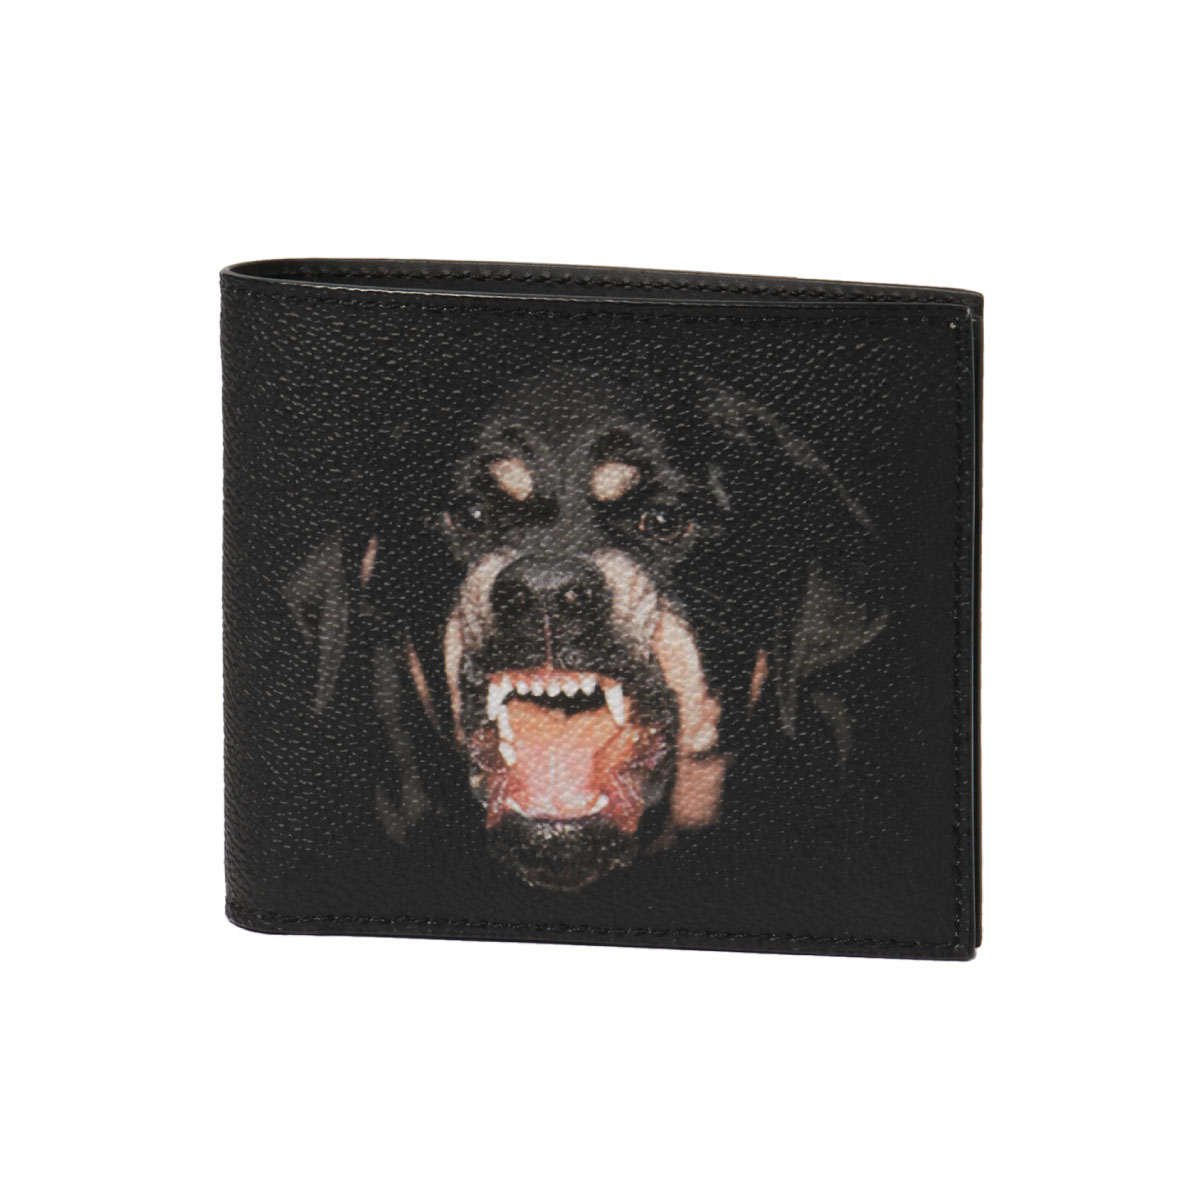 ジバンシー GIVENCHY 財布 メンズ BK06021337 960 ロットワイラー 二つ折り財布 MULTICOLORE ブラック